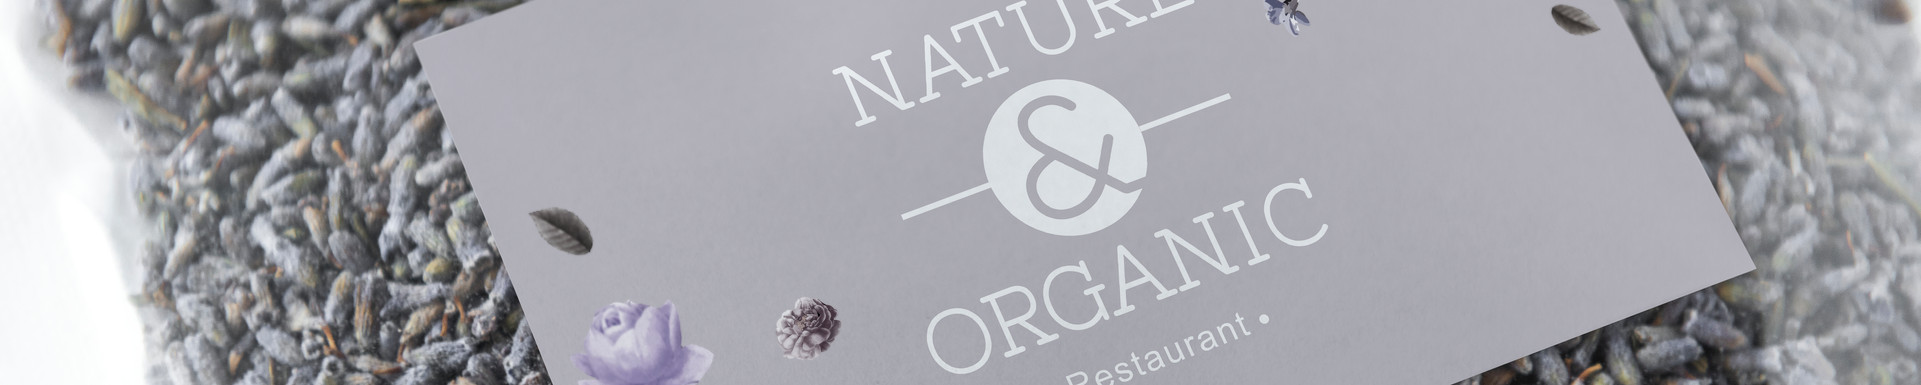 Organic lavender graphic design